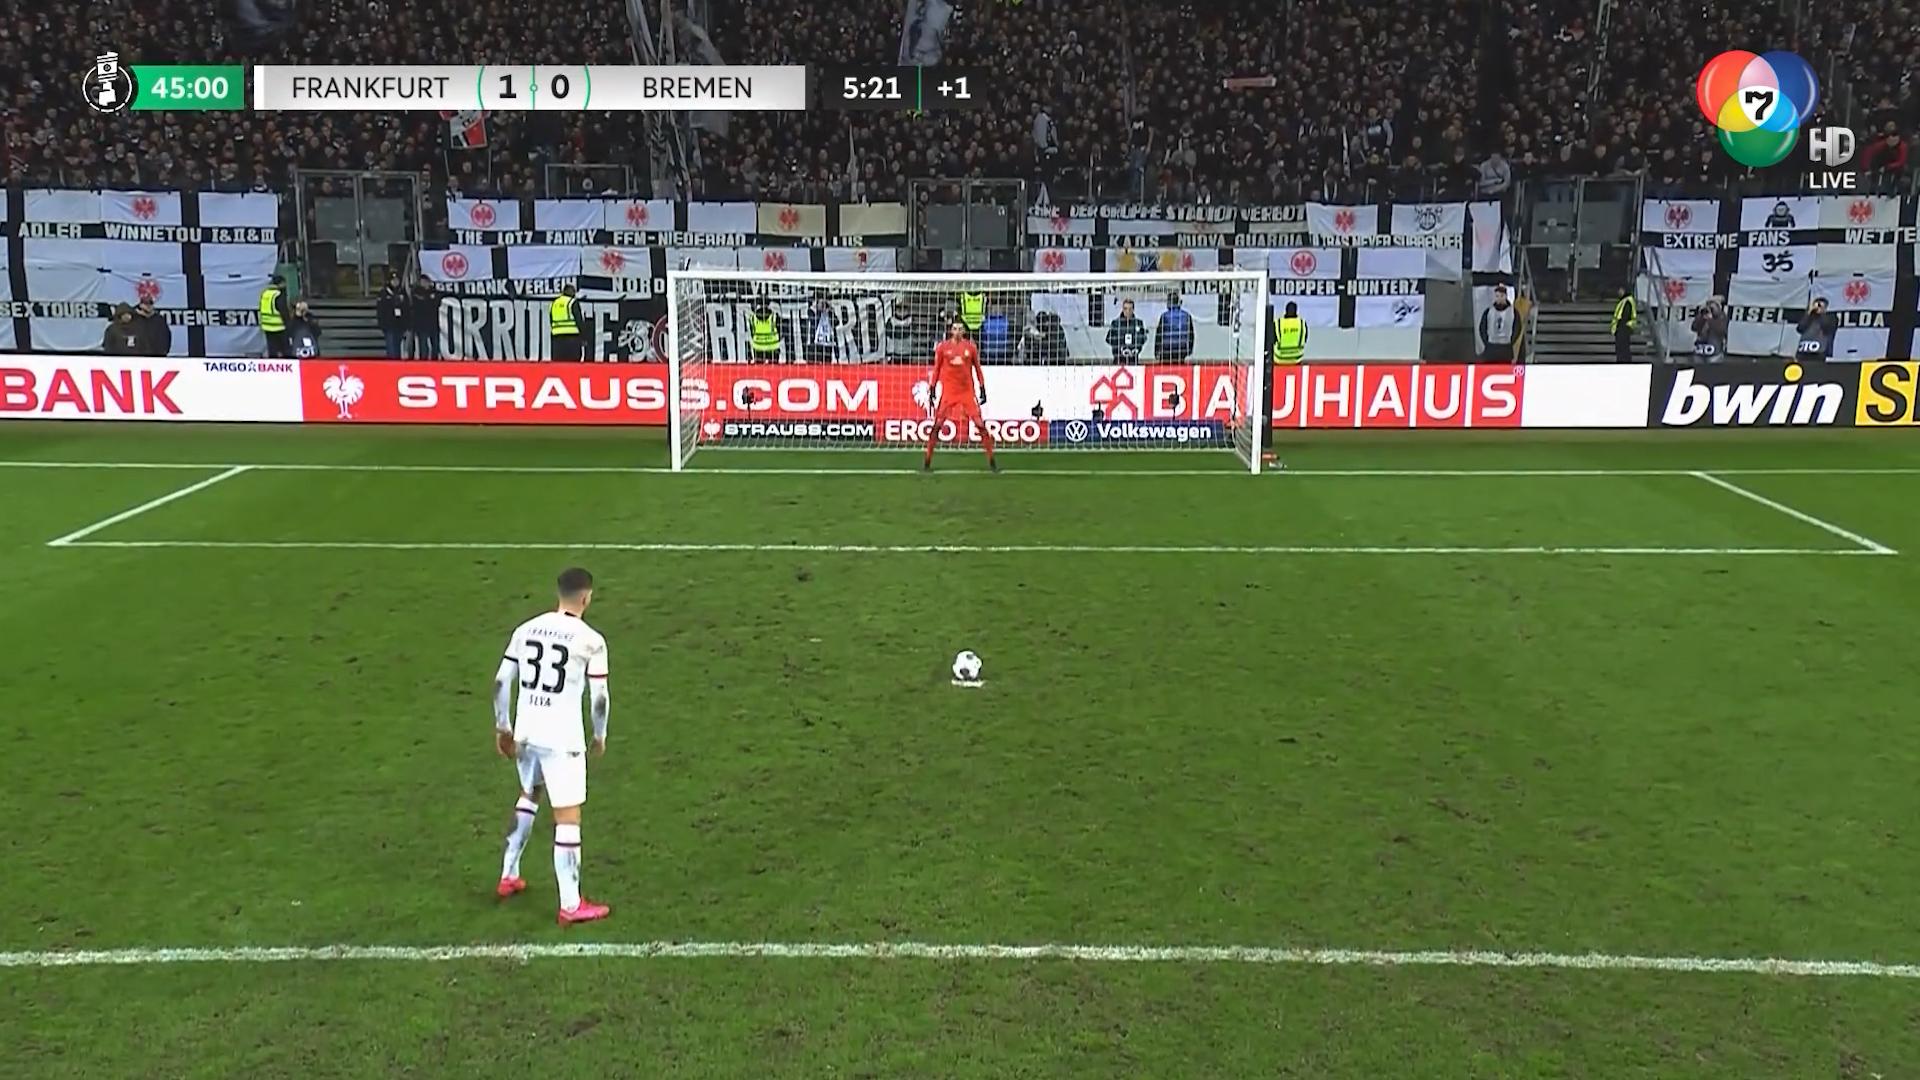 ไฮไลต์ฟุตบอลเดเอฟเบ ไอน์ทรัค แฟรงค์เฟิร์ต 2-0 แวร์เดอร์ เบรเมน